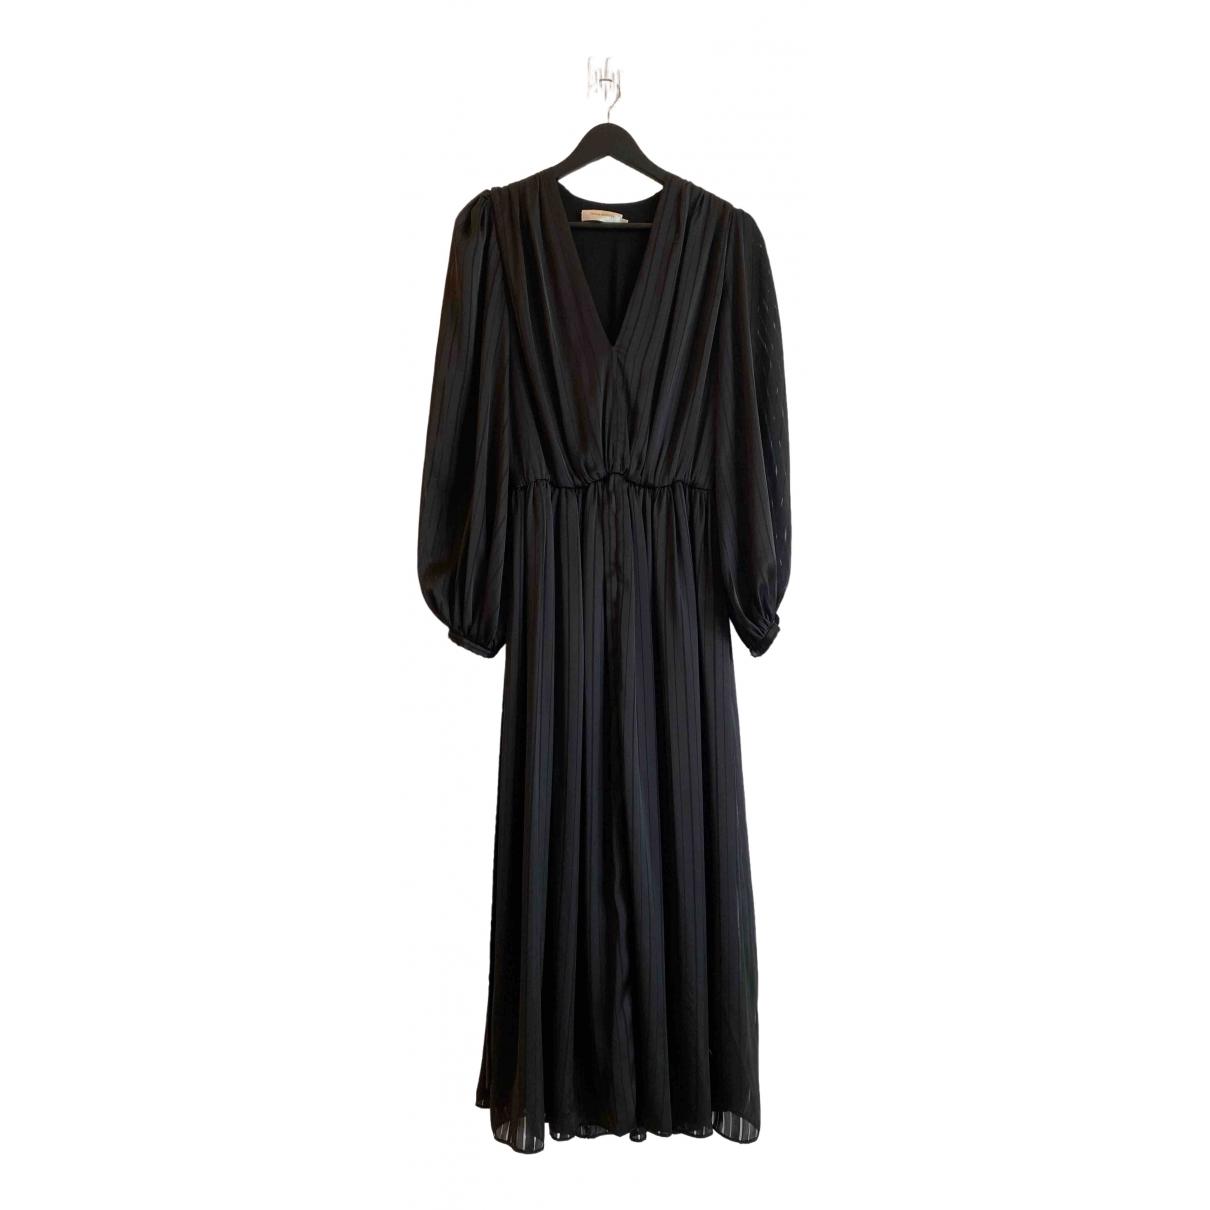 Zimmermann \N Black dress for Women 1 0-5